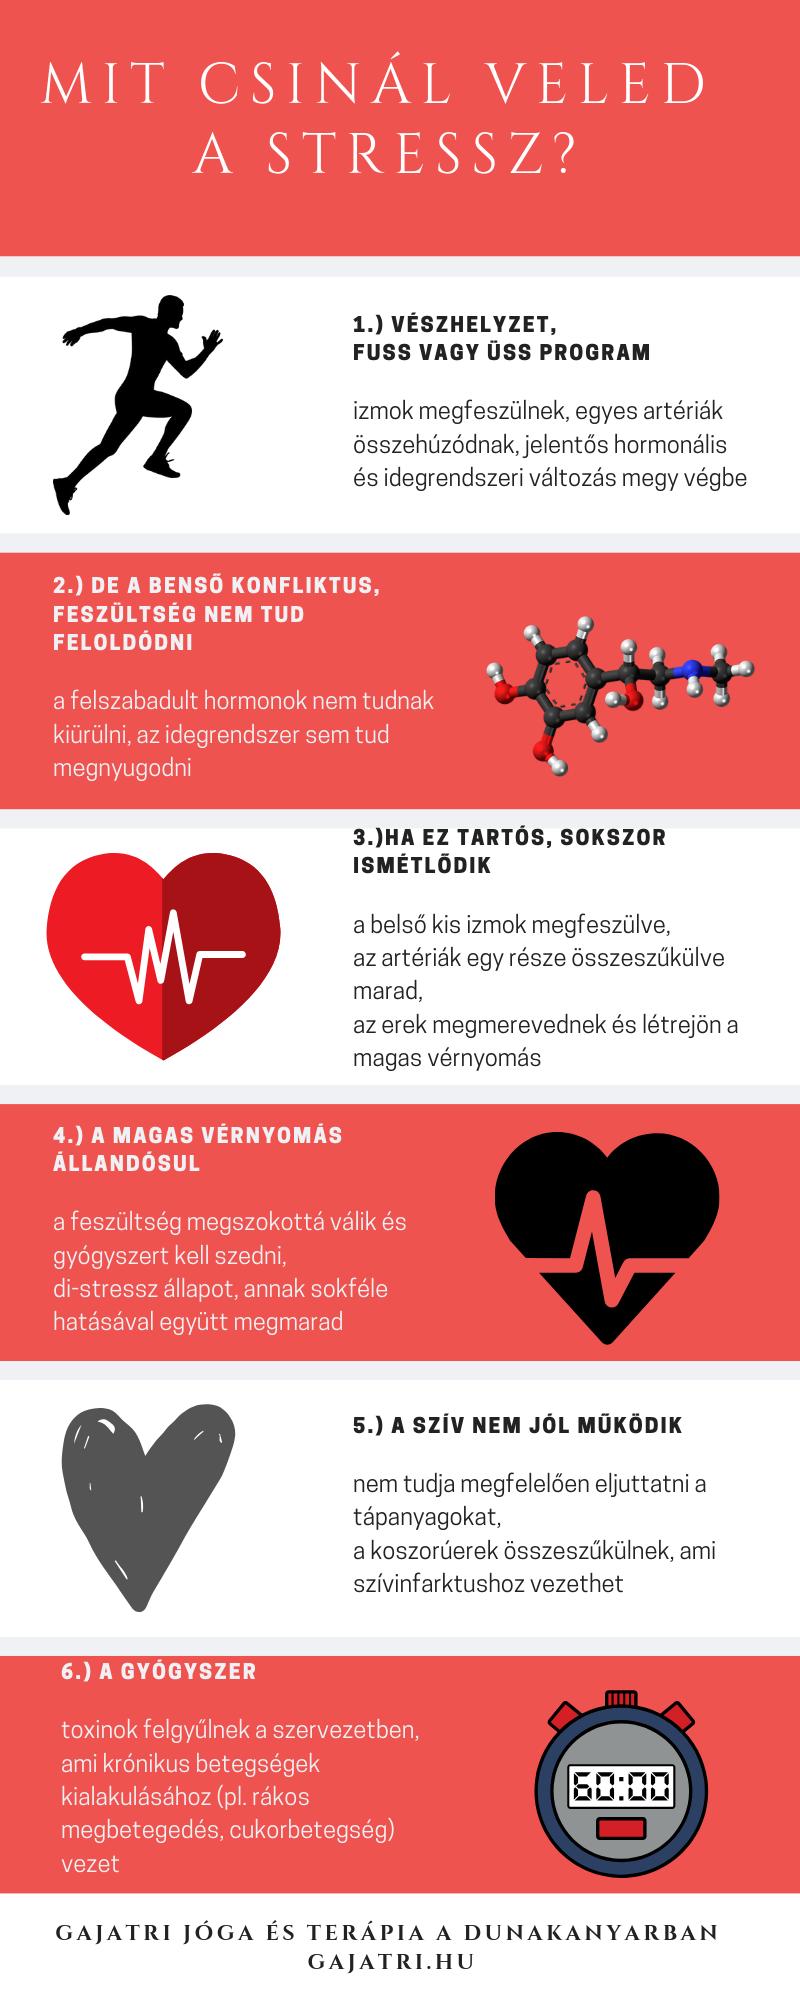 energetikai magas vérnyomás a nyomás a magas vérnyomás jele